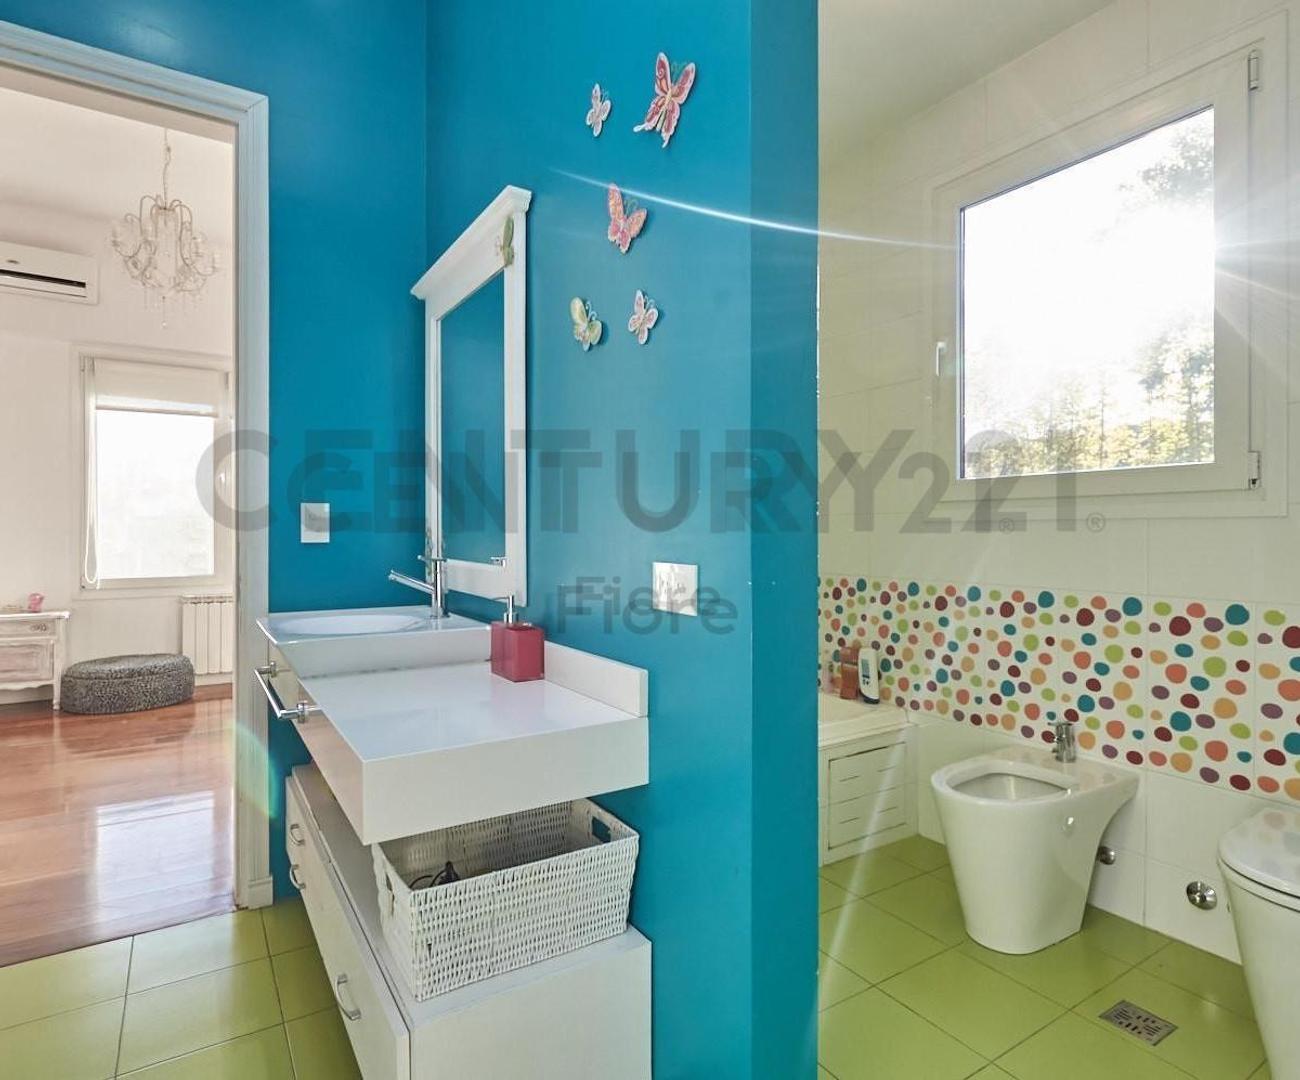 Venta Impactante Casa 5 Ambientes con Pileta Galeria y Dependencia en Olivos - Foto 16